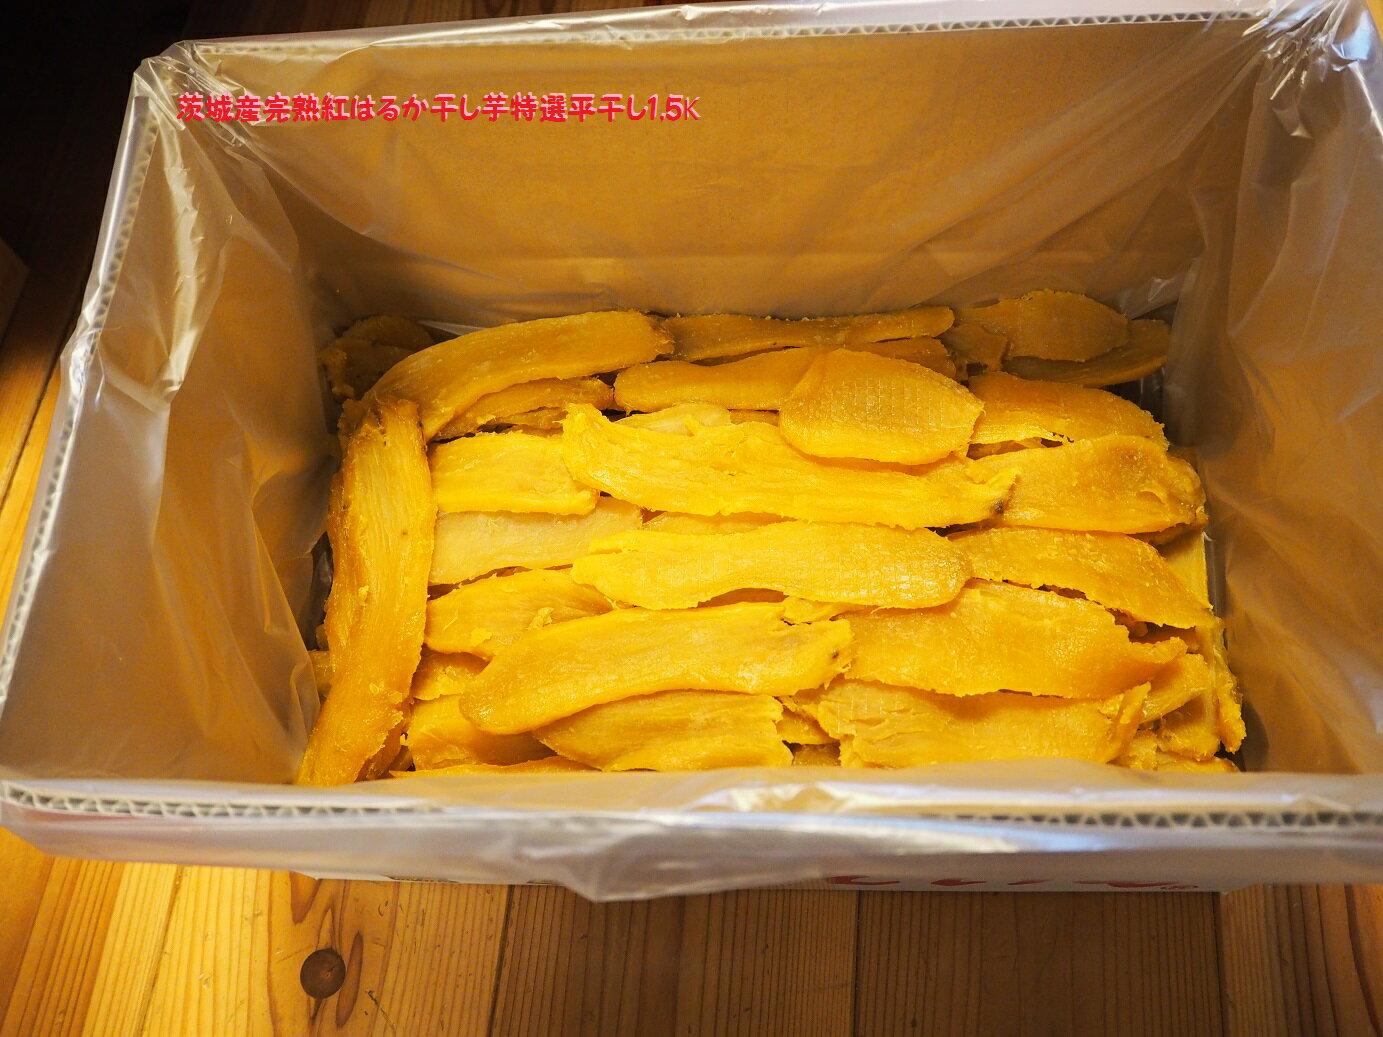 【送料無料】手作り 干し芋 天日干し 【紅はるか】1箱1,5kg(バラ詰め)箱入り 茨城産 国産 ほしいも 厳選品(沖縄+1000円)※3月下旬頃より500g×3の真空包装パック詰めになります。